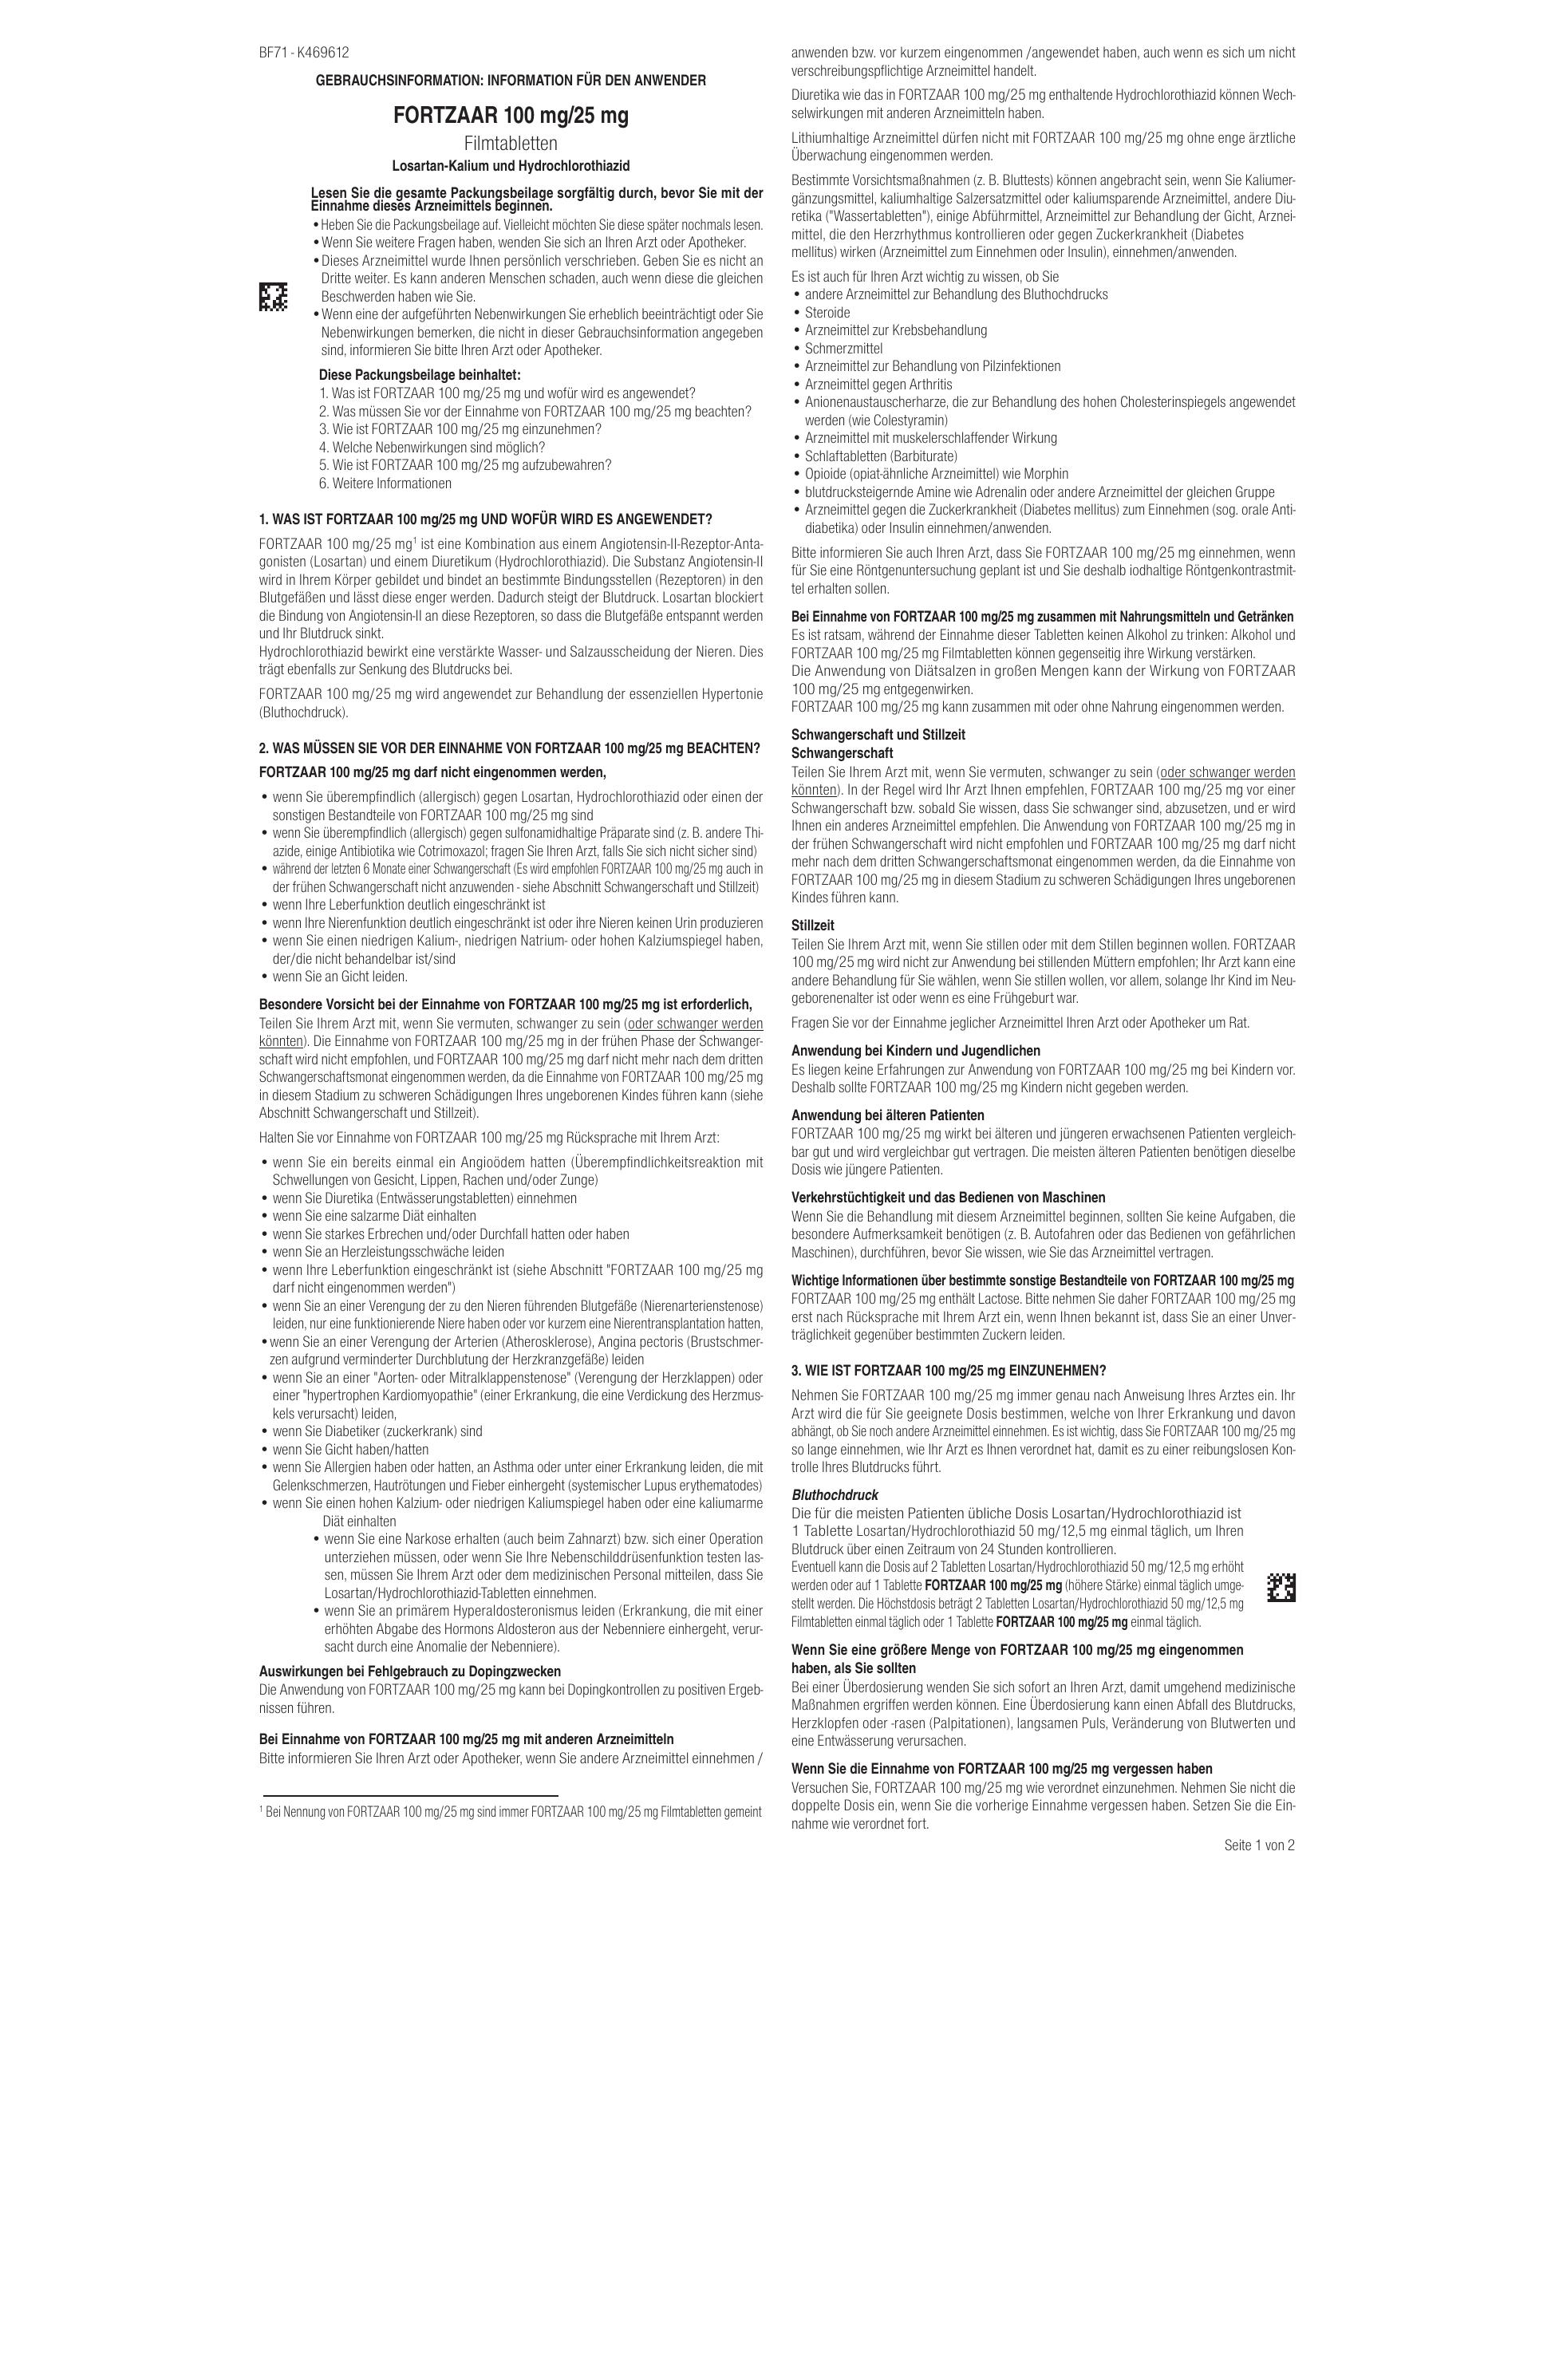 FORTZAAR 100 mg/25 mg - die-apotheke